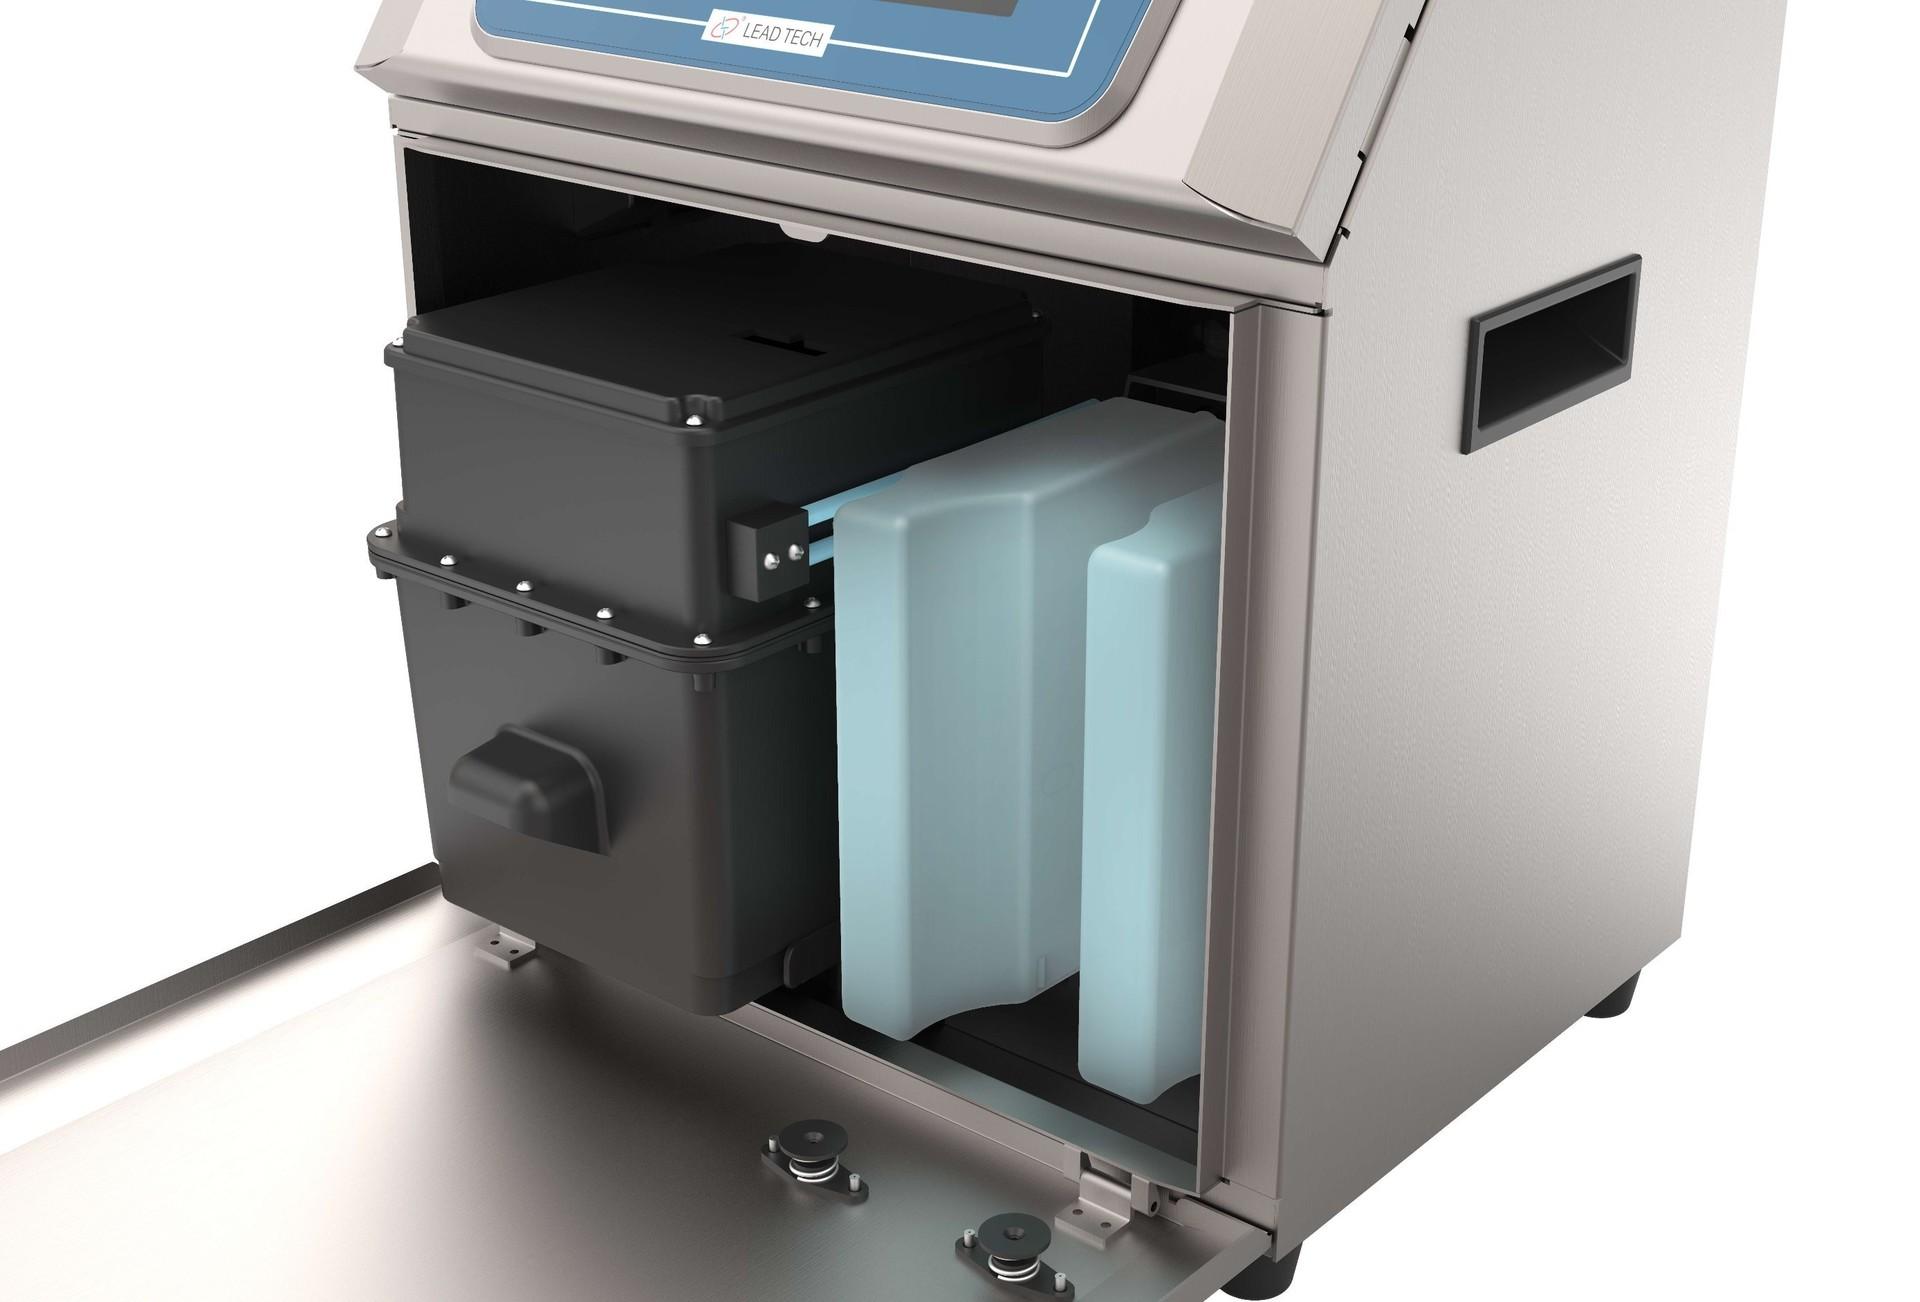 Lt800 Industrial Printing Date Coding Cij Inkjet Printer